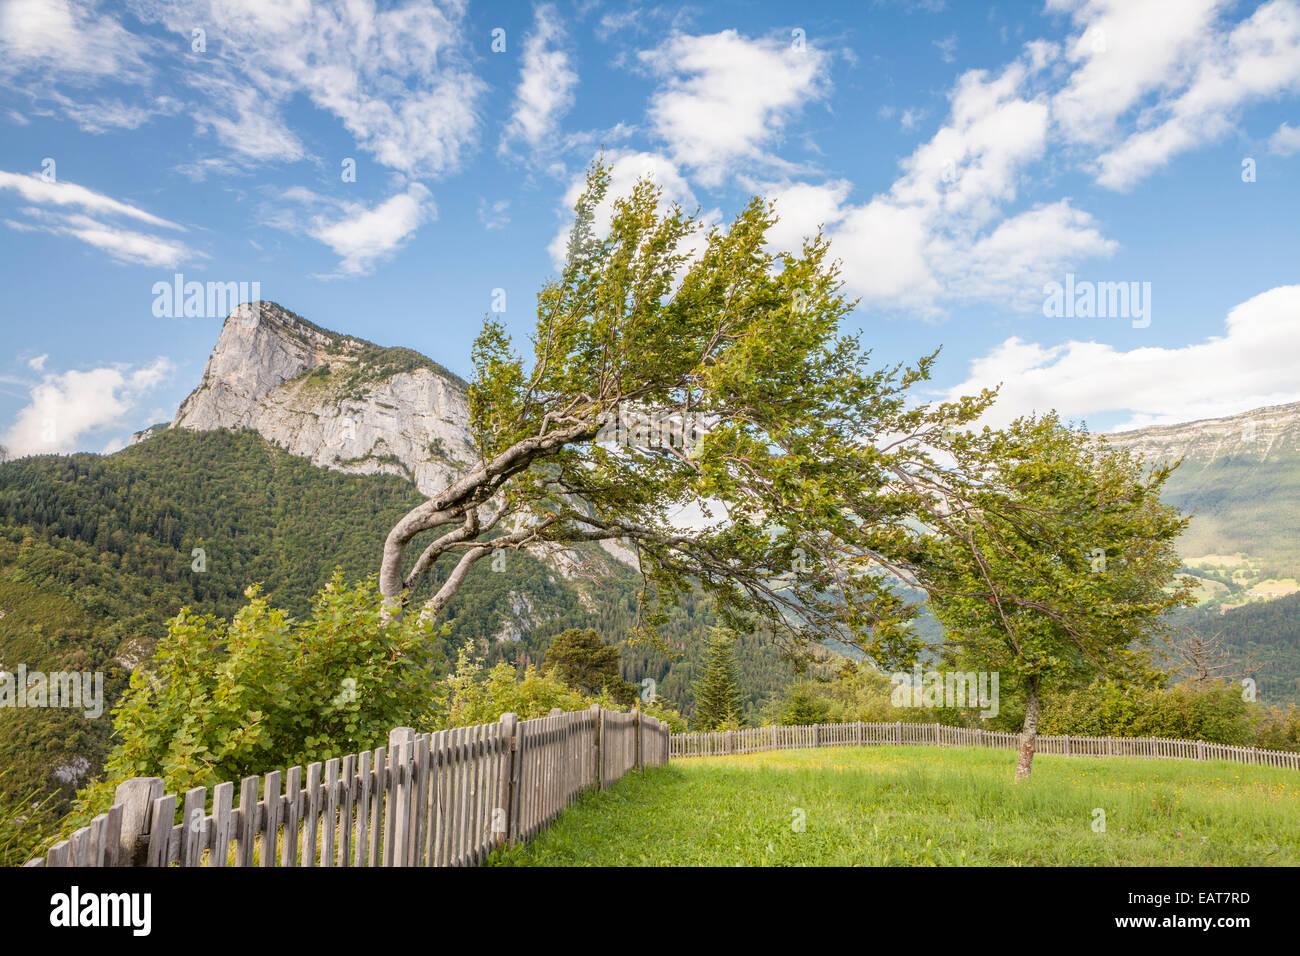 Around Saint Pierre d'Entremont, Parc Naturel de la Chartreuse, Savoie, Rhône-Alpes, France - Stock Image